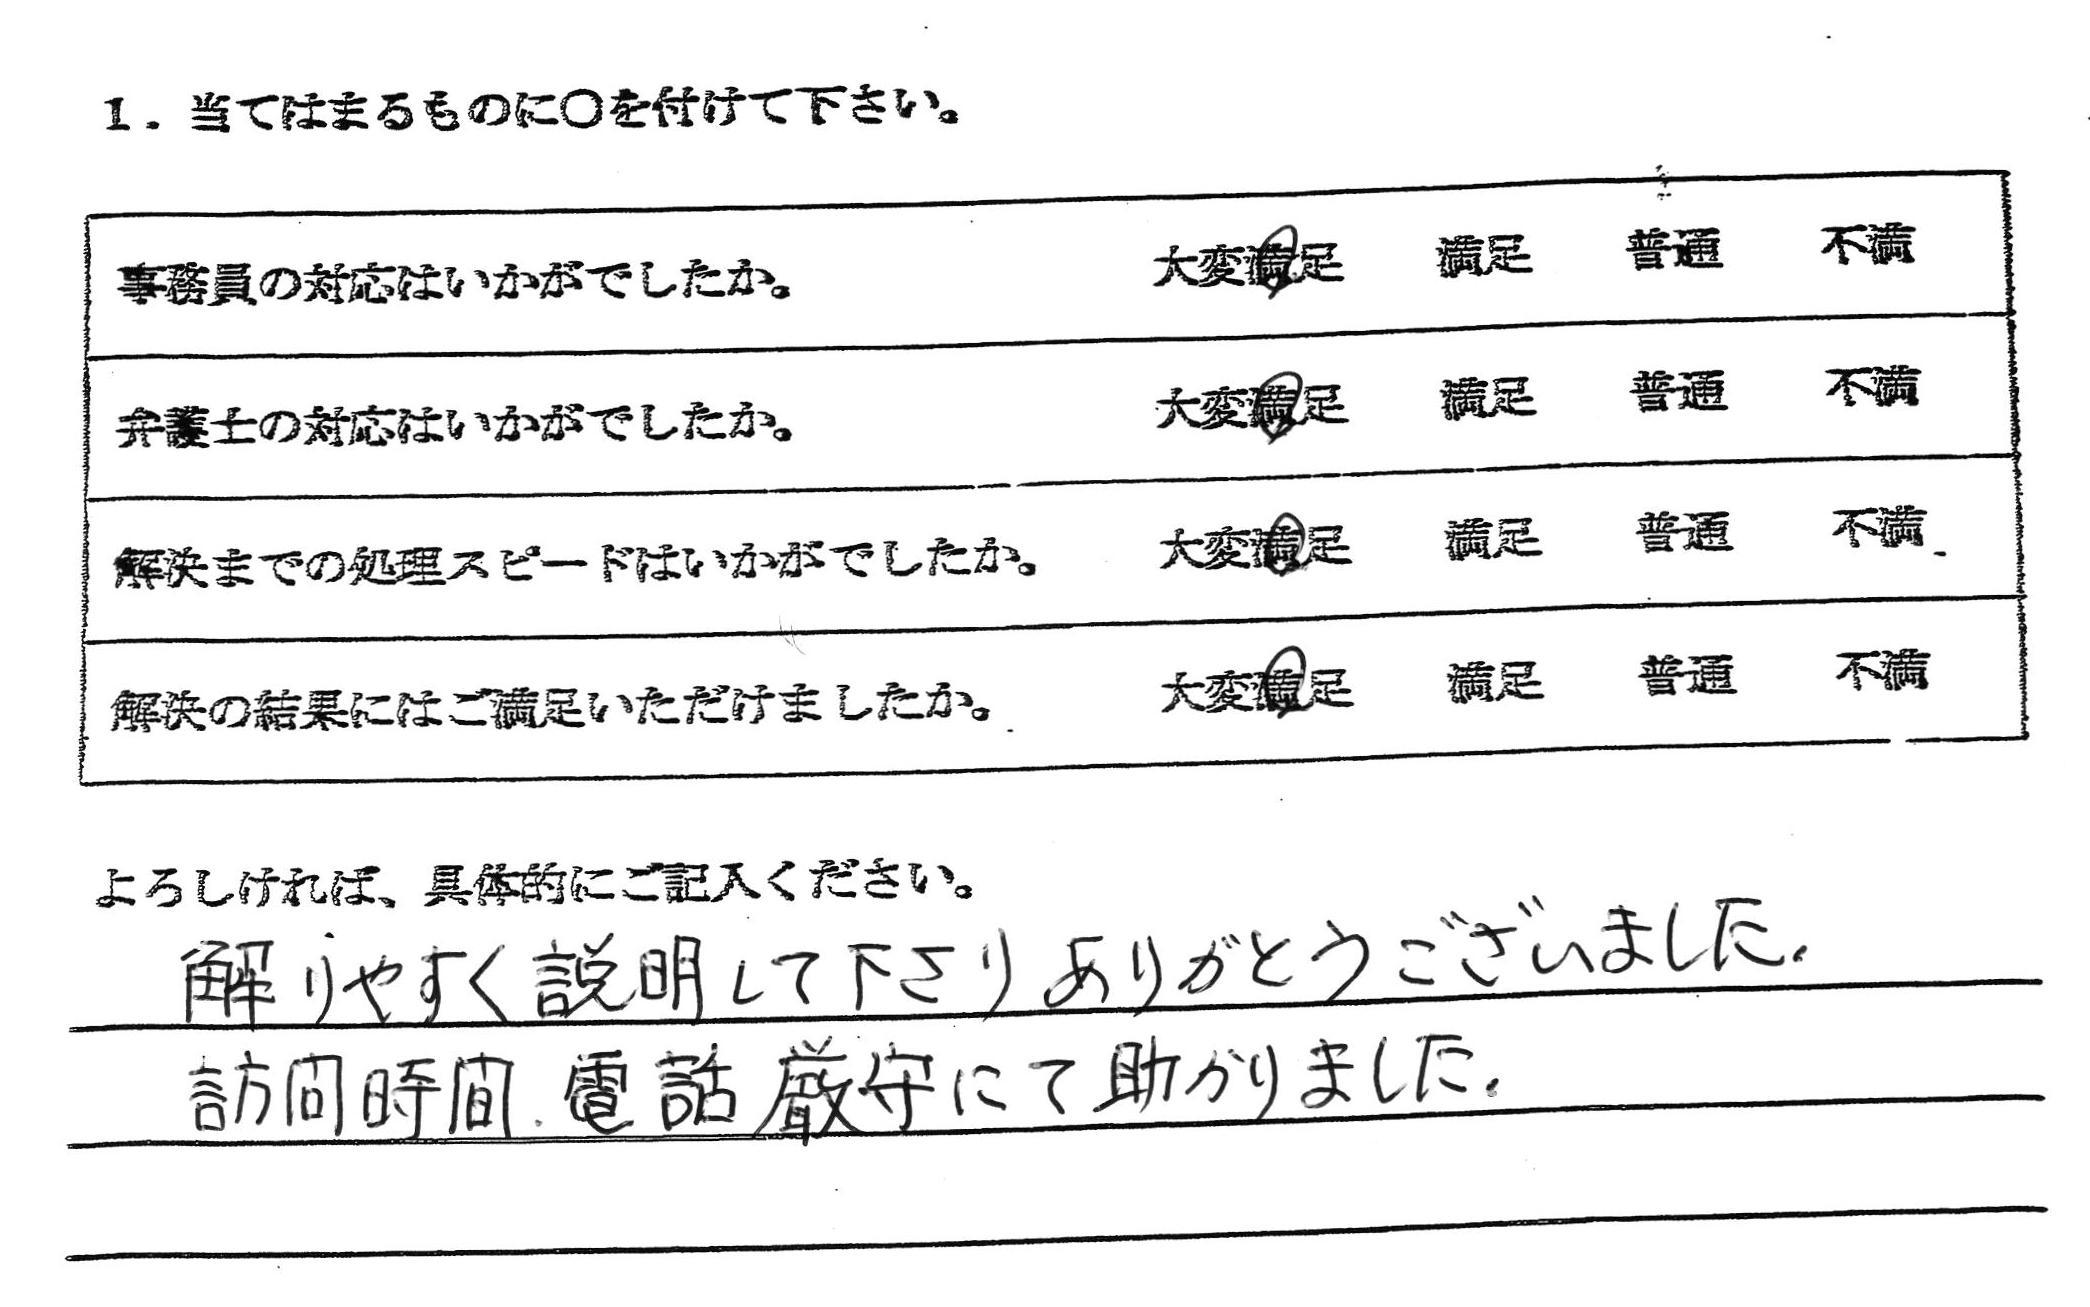 愛知県一宮市60代女性(債務整理)の依頼者様の声 : 解りやすく説明して下さりありがとうございました。 訪問時間、電話厳守にて助かりました。